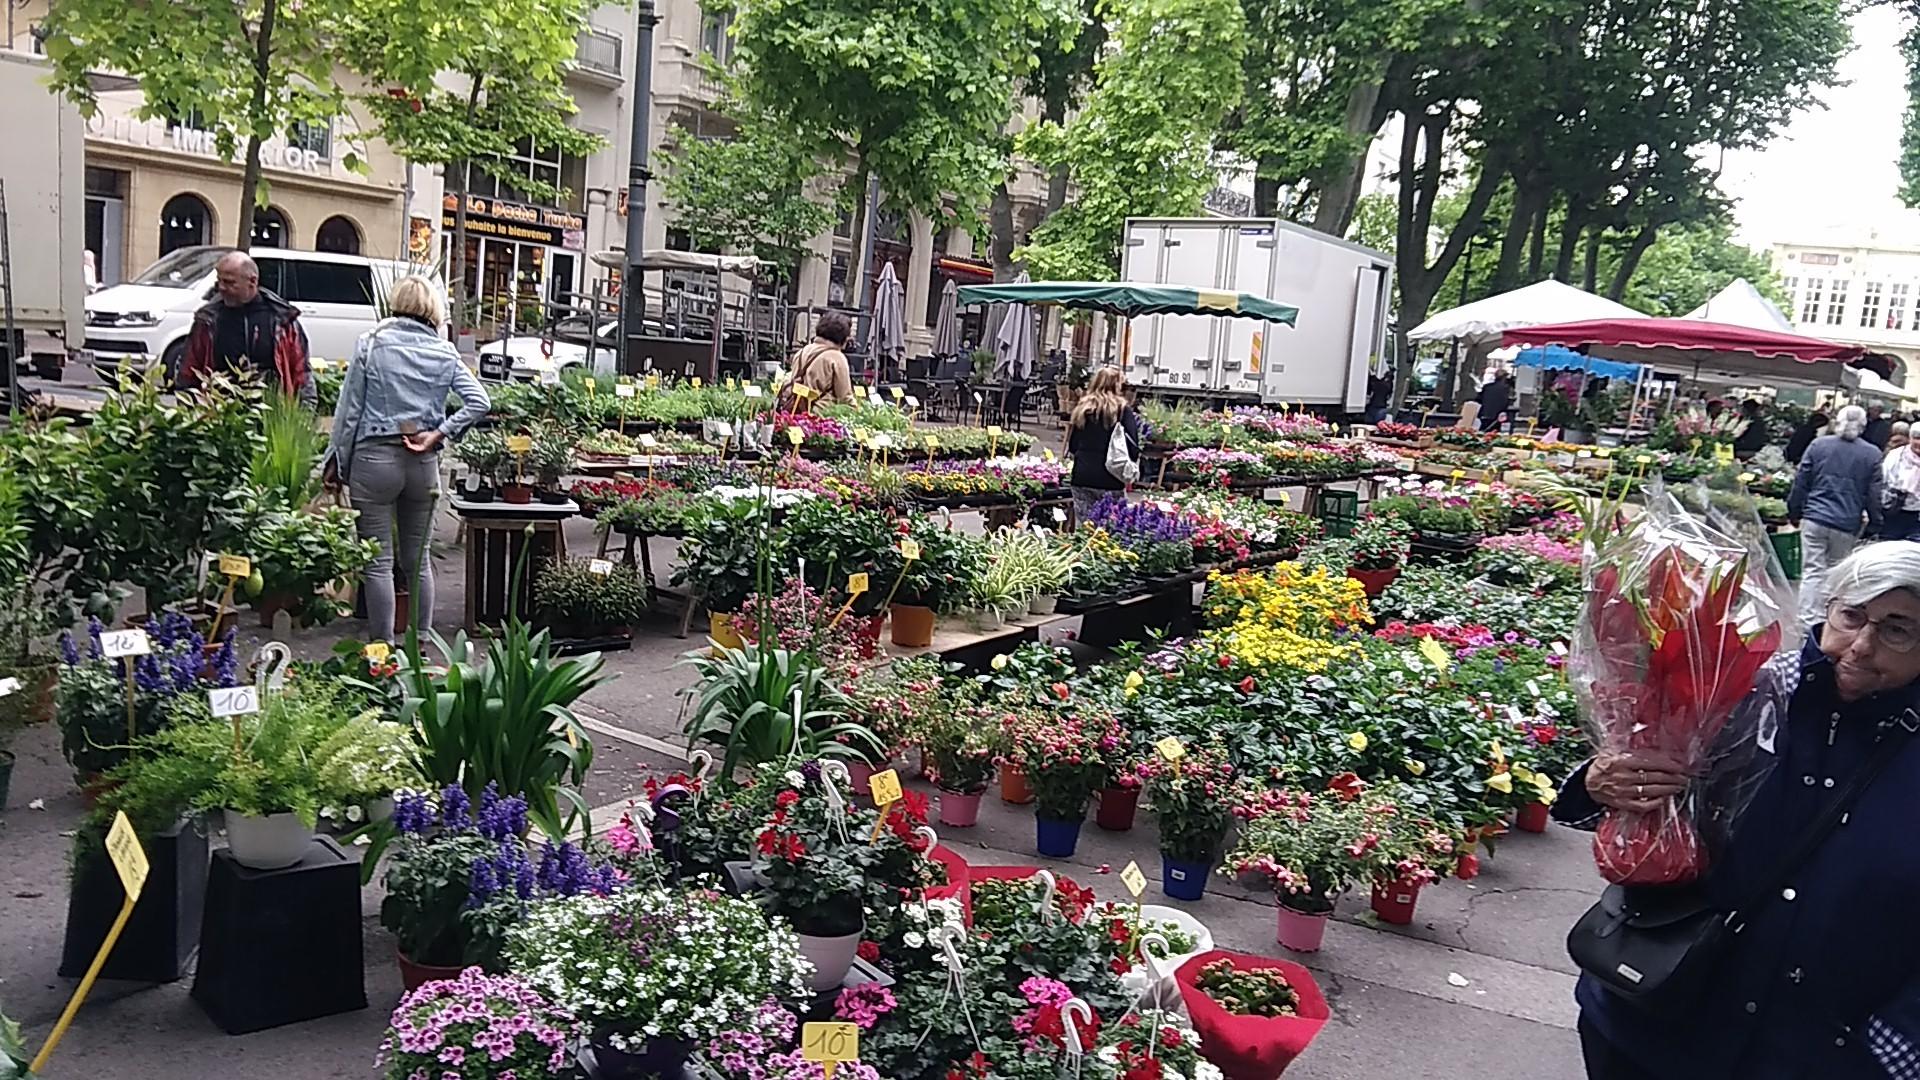 B084-Marche aux fleurs (2)